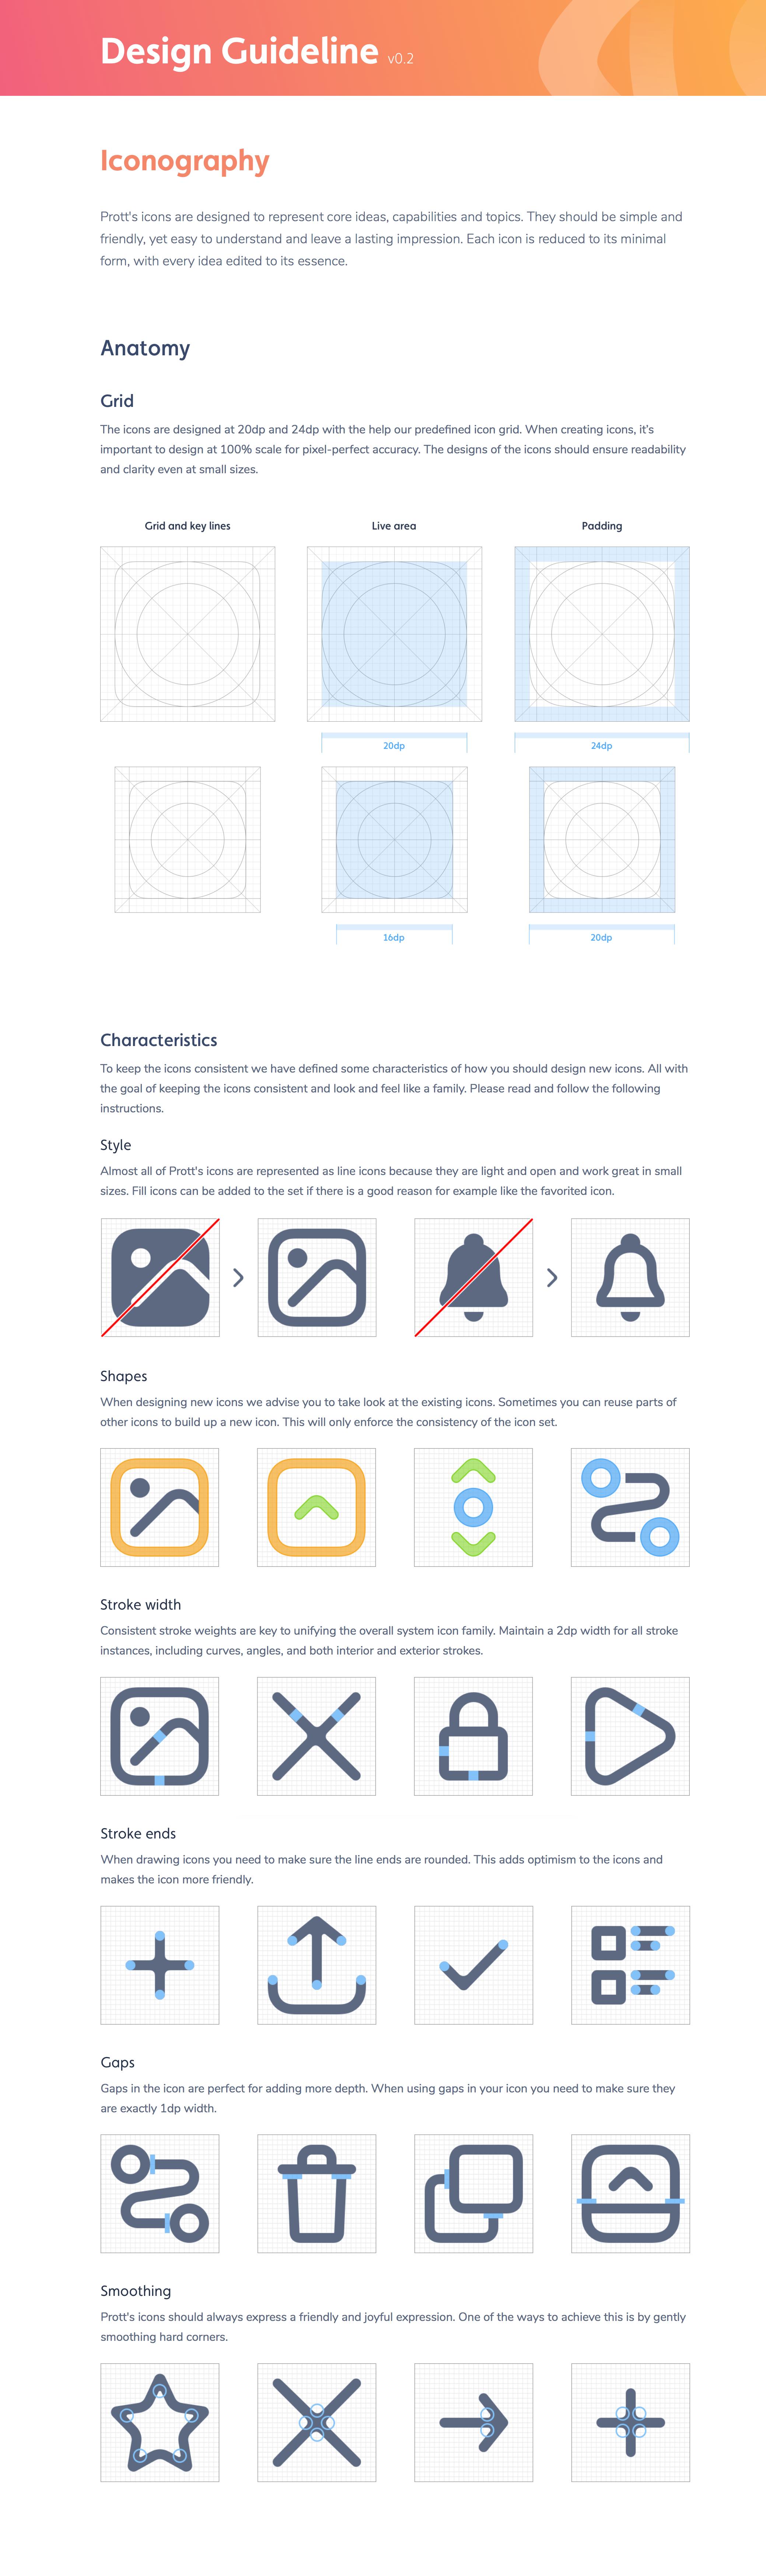 Icon guide